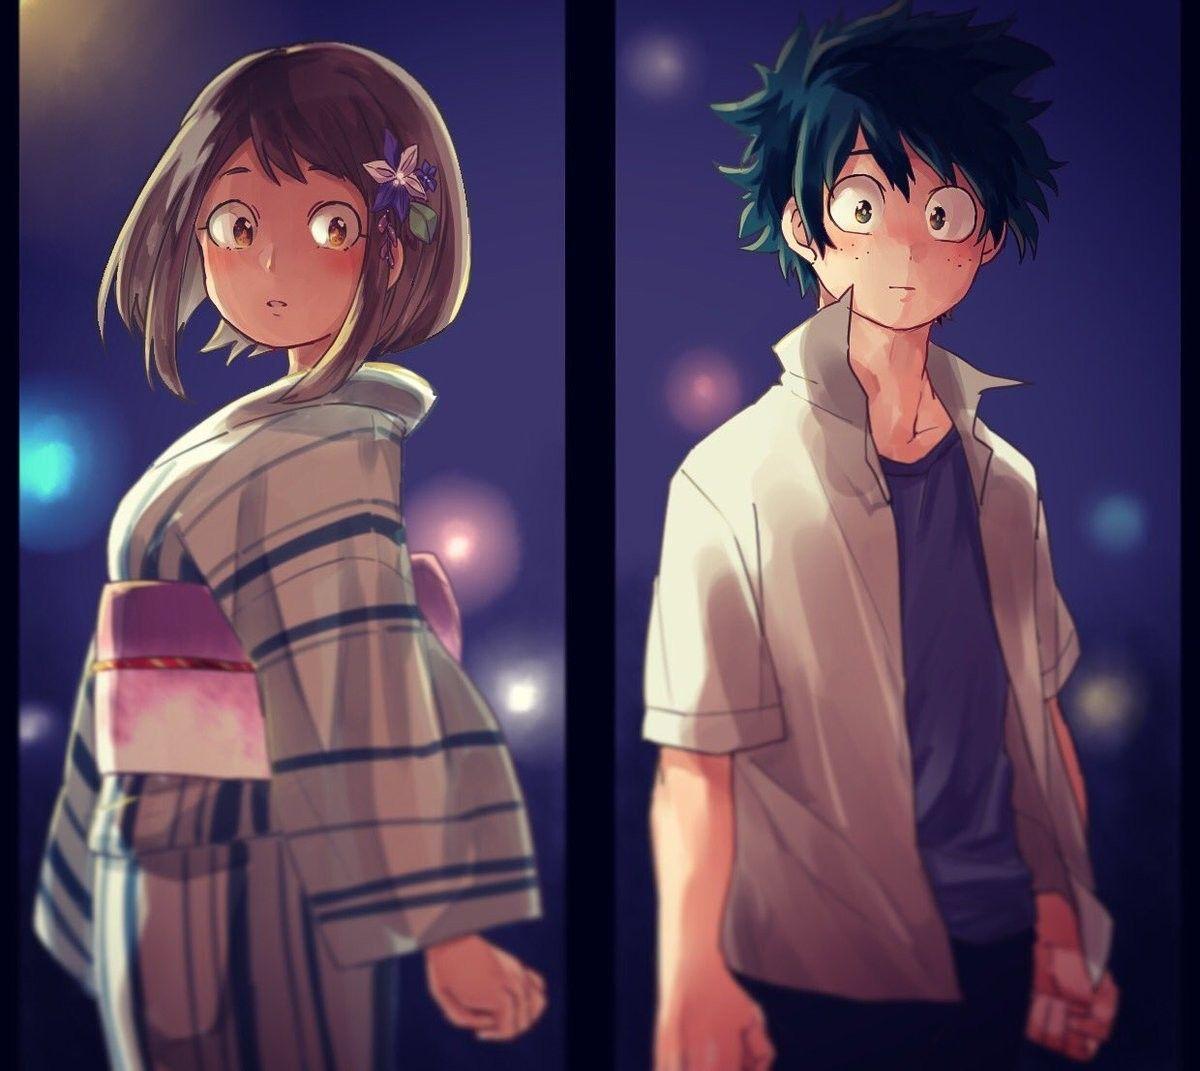 캐릭터 아트, 애니메이션 및 커플